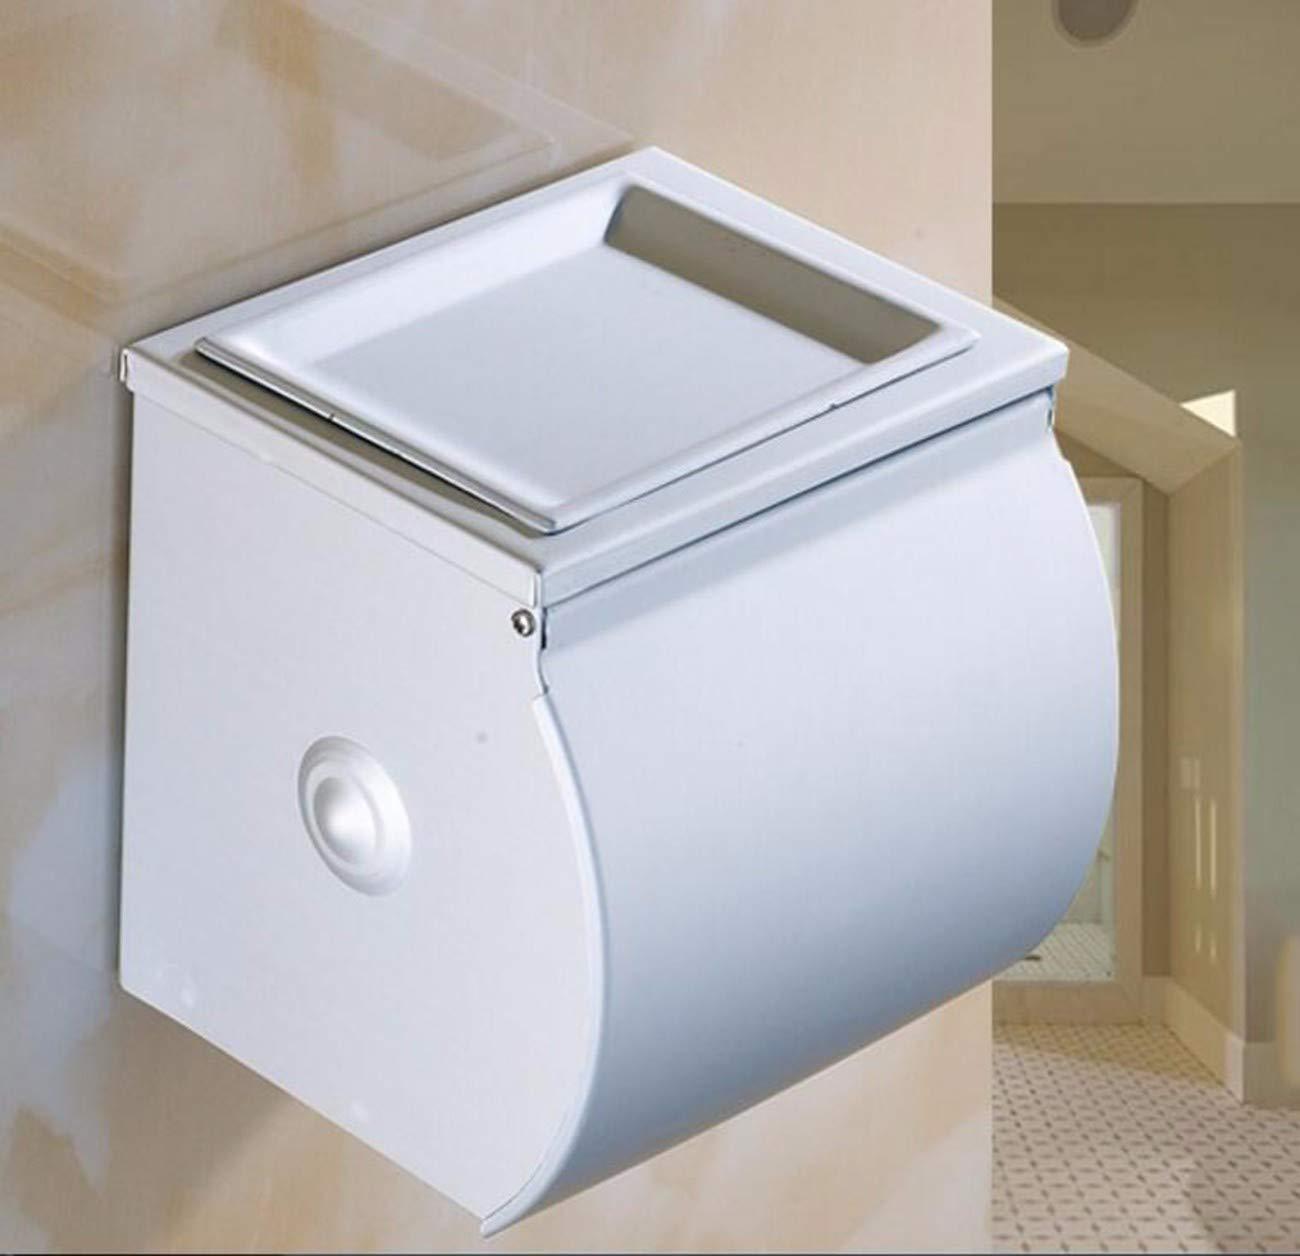 Toilettenpapier Schachteln, Kartons, Kisten Und Toiletten, Toilettenpapier, WC - Boxen, Der Abdichtung,EIN B07HXQBWR2 Toilettenpapieraufbewahrung